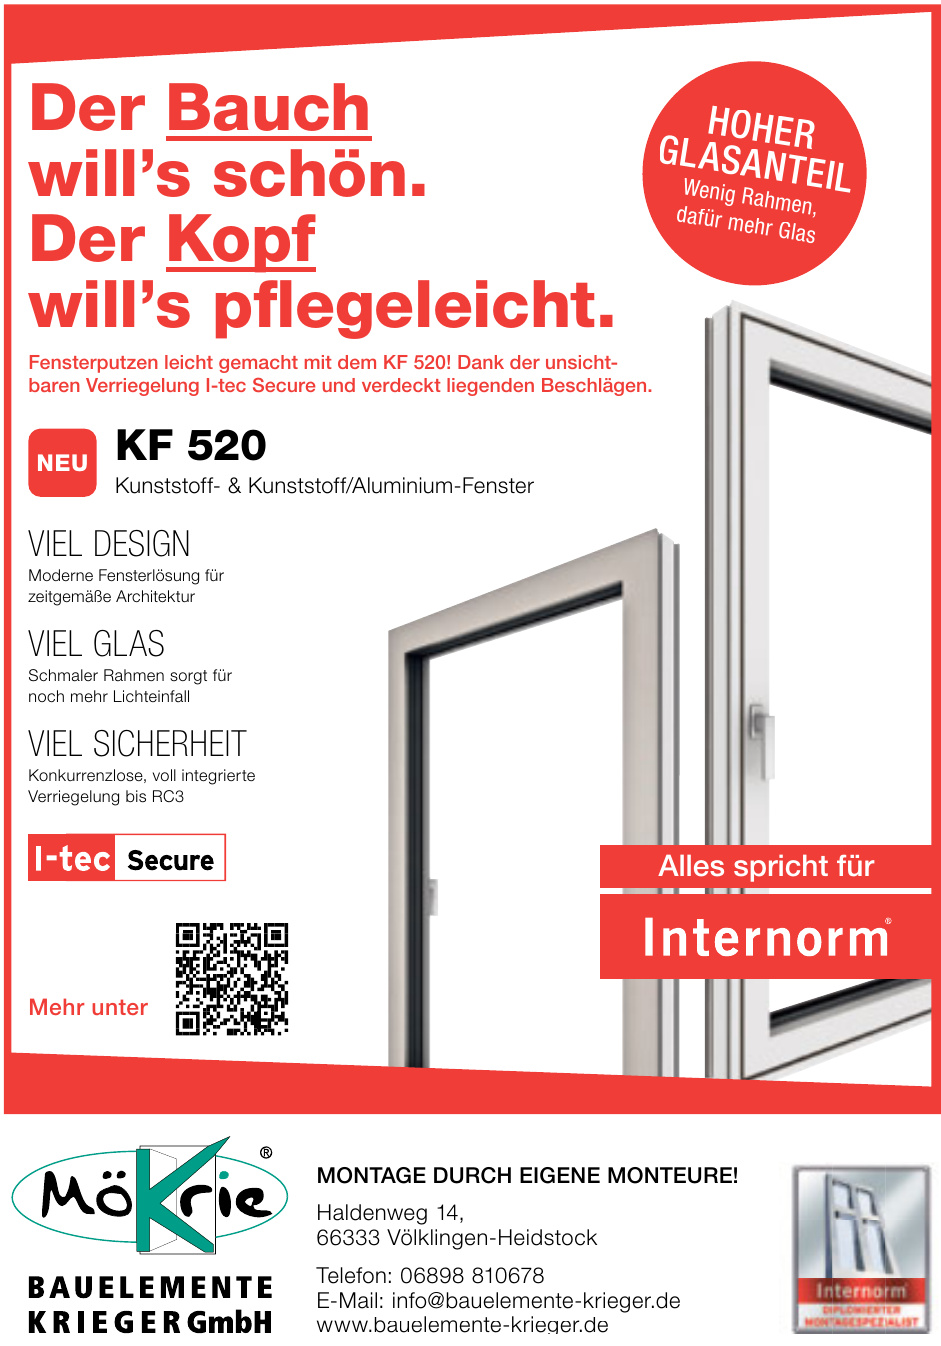 Bauelemente Krieger GmbH